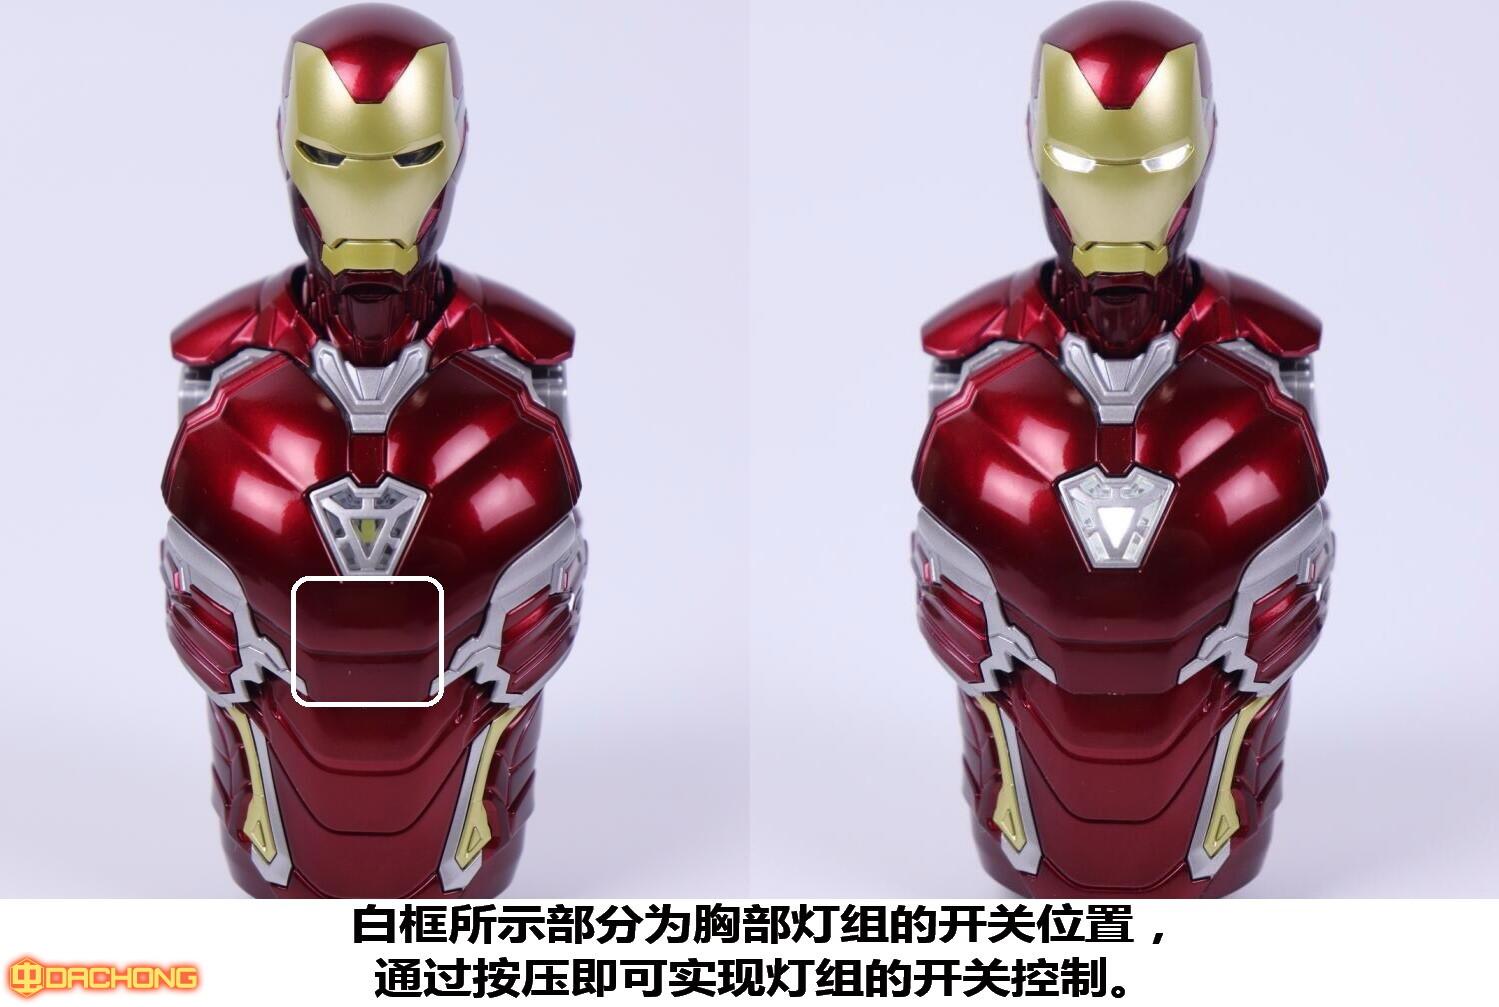 S498_2_e_model_ironman_mk85_dx_021.jpg